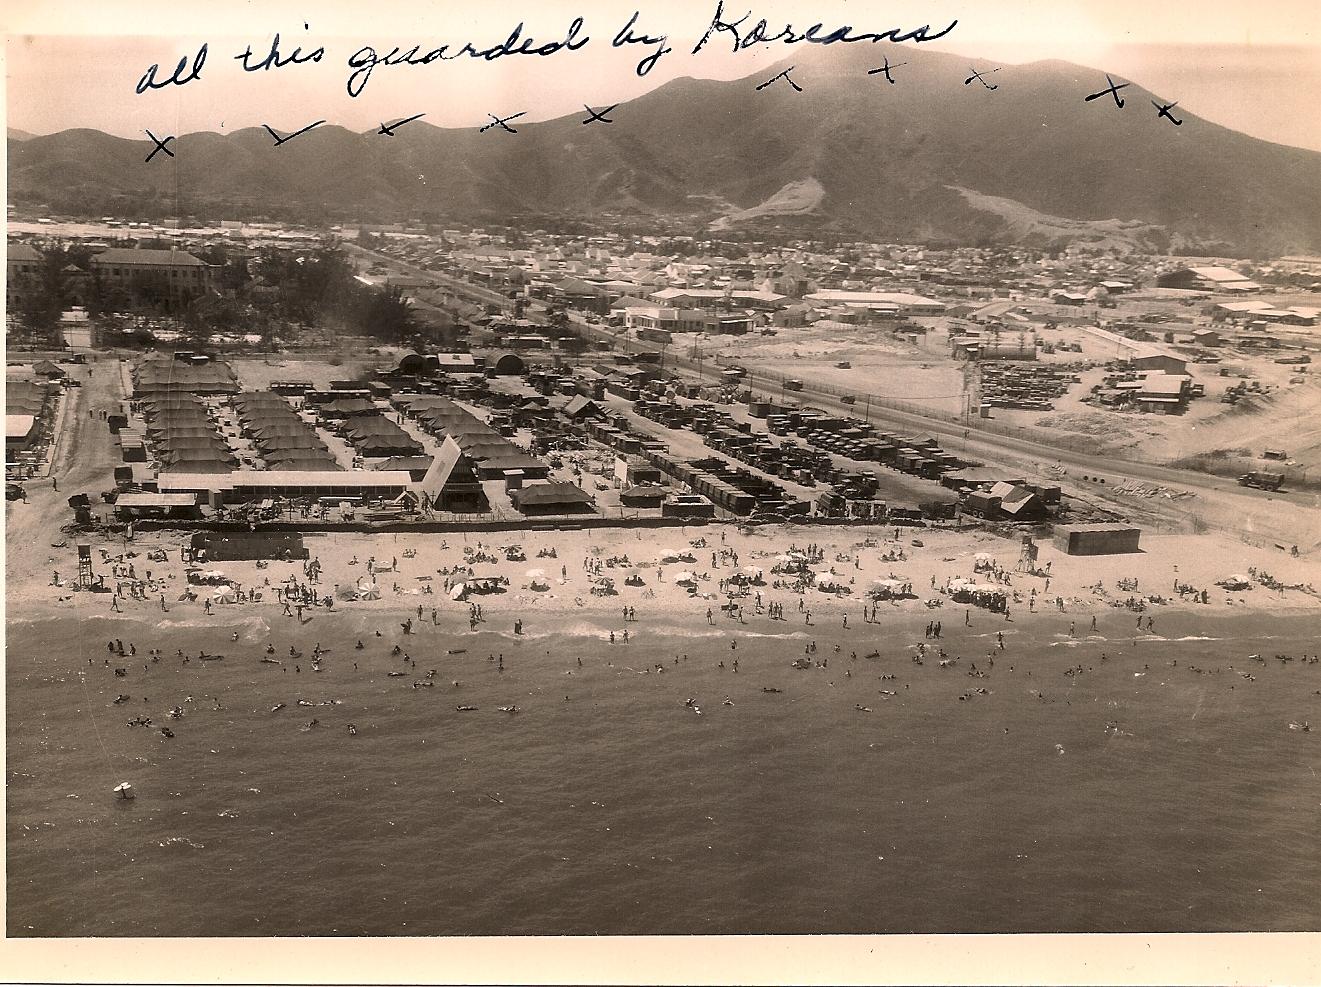 Thompson Beach, 1966